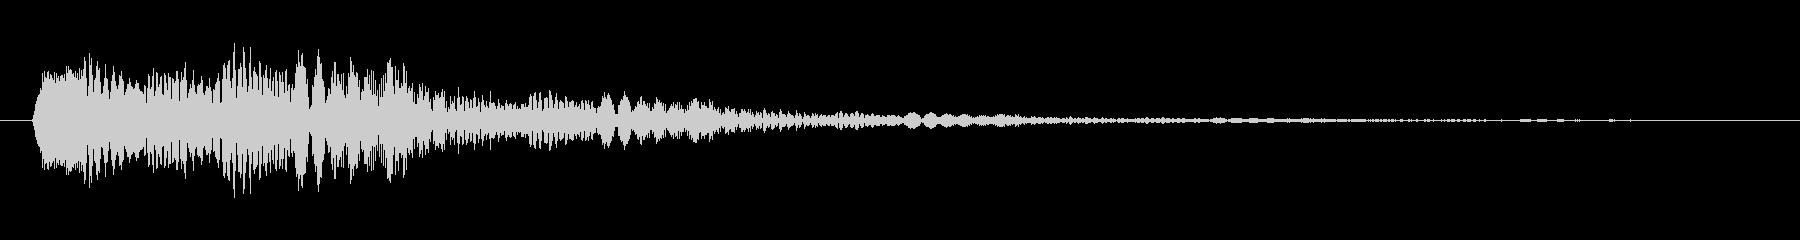 ポップアップ_決定音系_07の未再生の波形